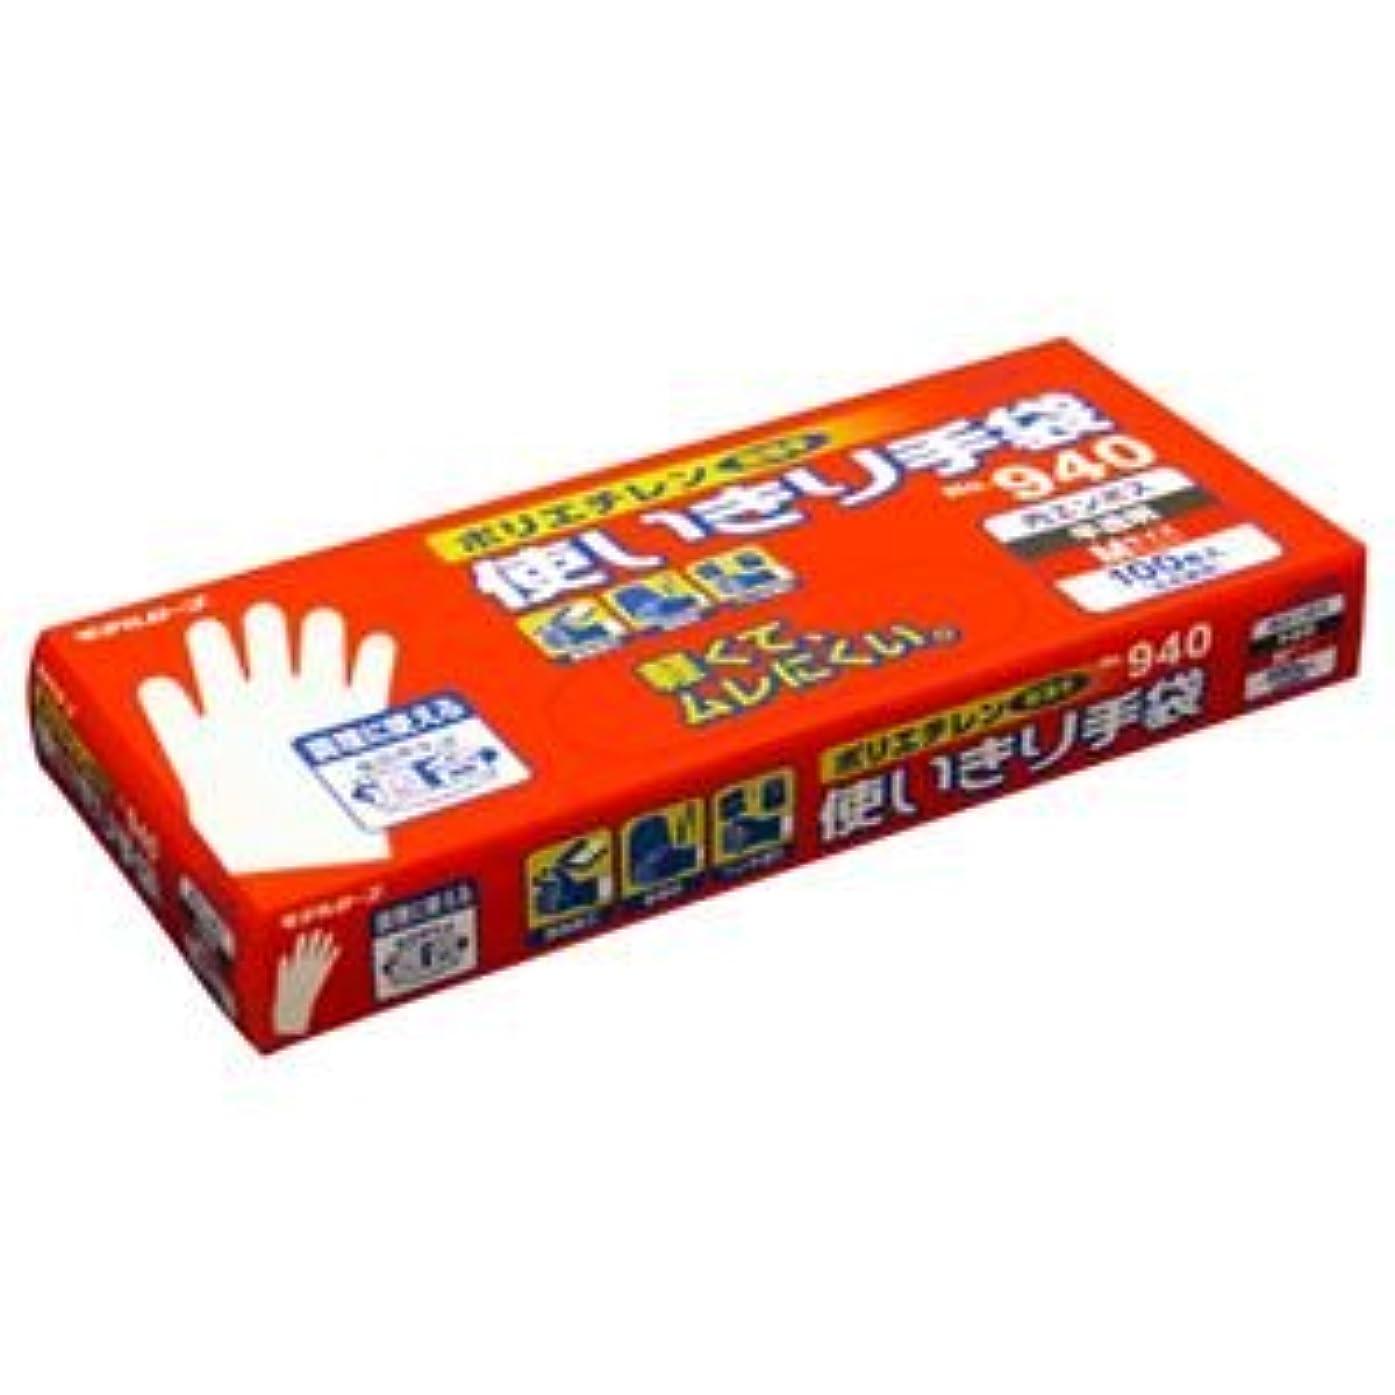 アサート長方形テント(まとめ) エステー No.940 ポリエチレン使いきり手袋(内エンボス) M 1箱(100枚) 【×10セット】 ds-1580600